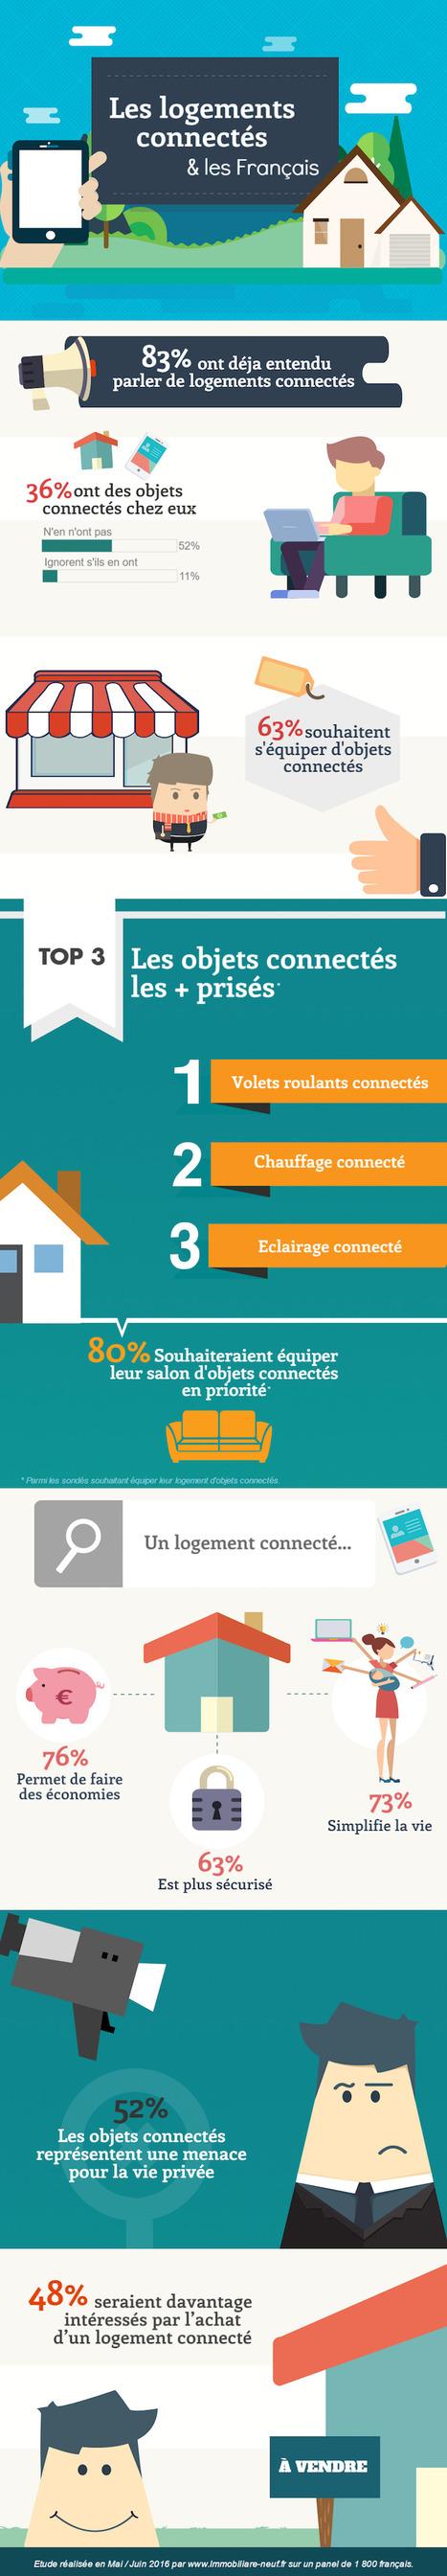 [Infographie] les logements connectés et les Français : un rapport encore tendu | Immobilier | Scoop.it